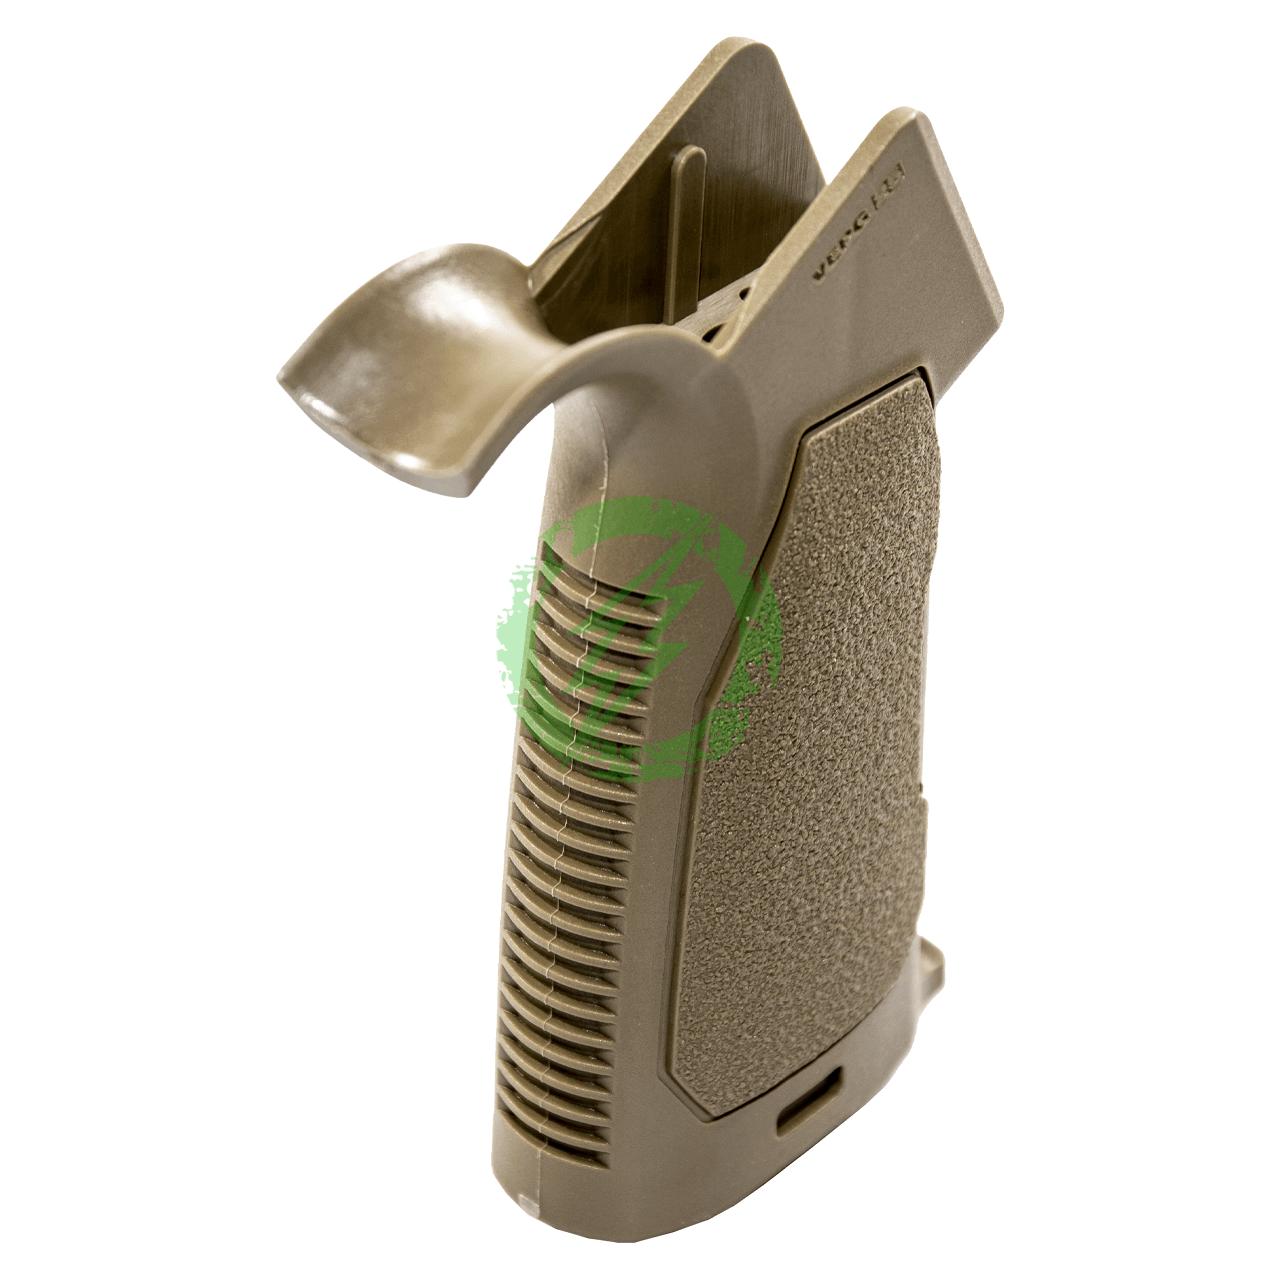 EMG / Strike Industries M4 Enhanced Slim Motor Grip dark earth